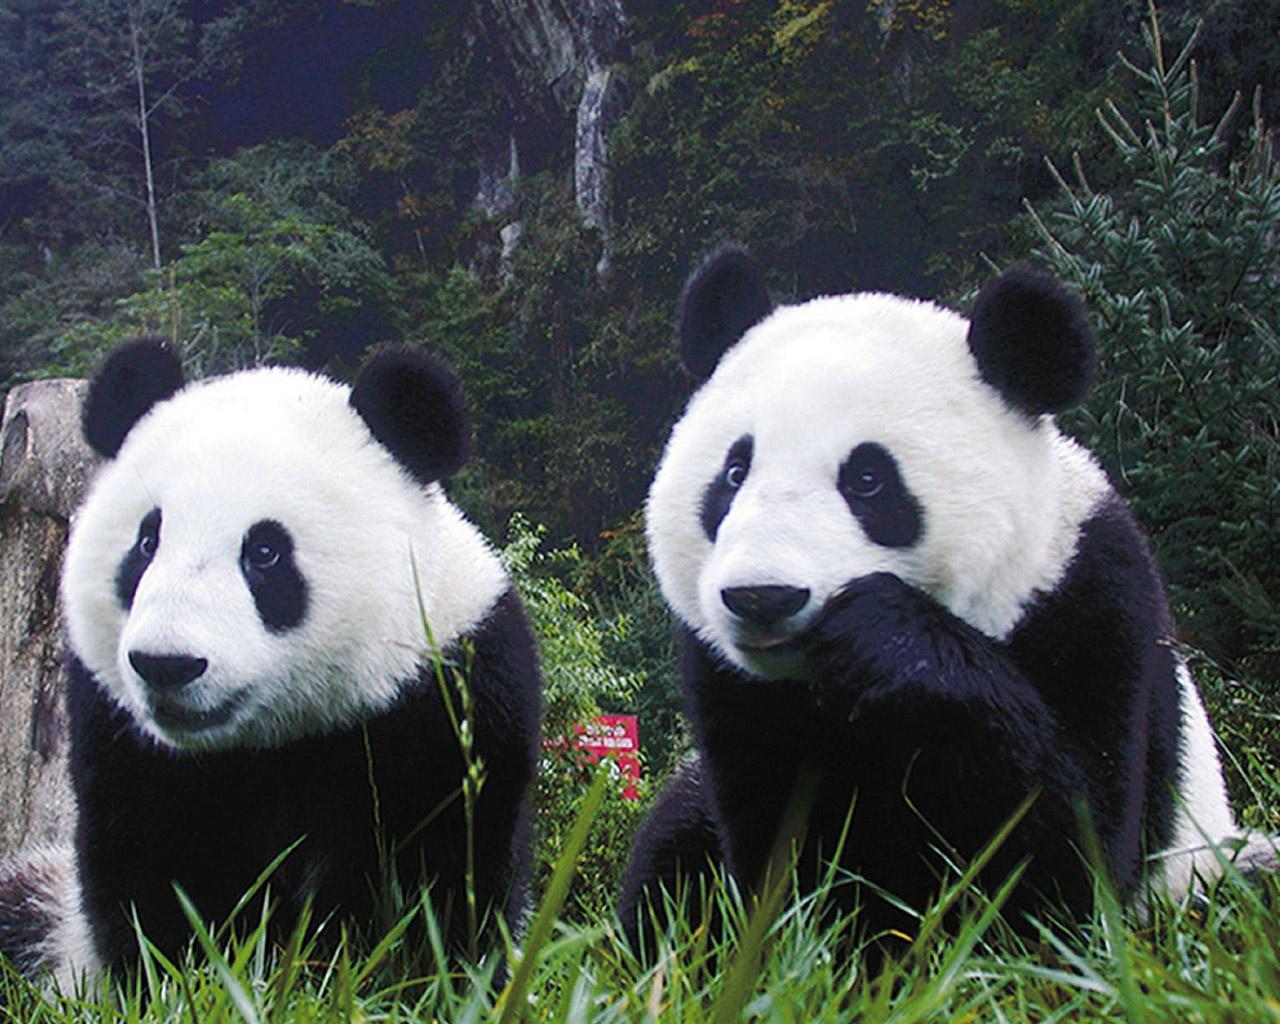 Animales y Animales » peligro de extincion